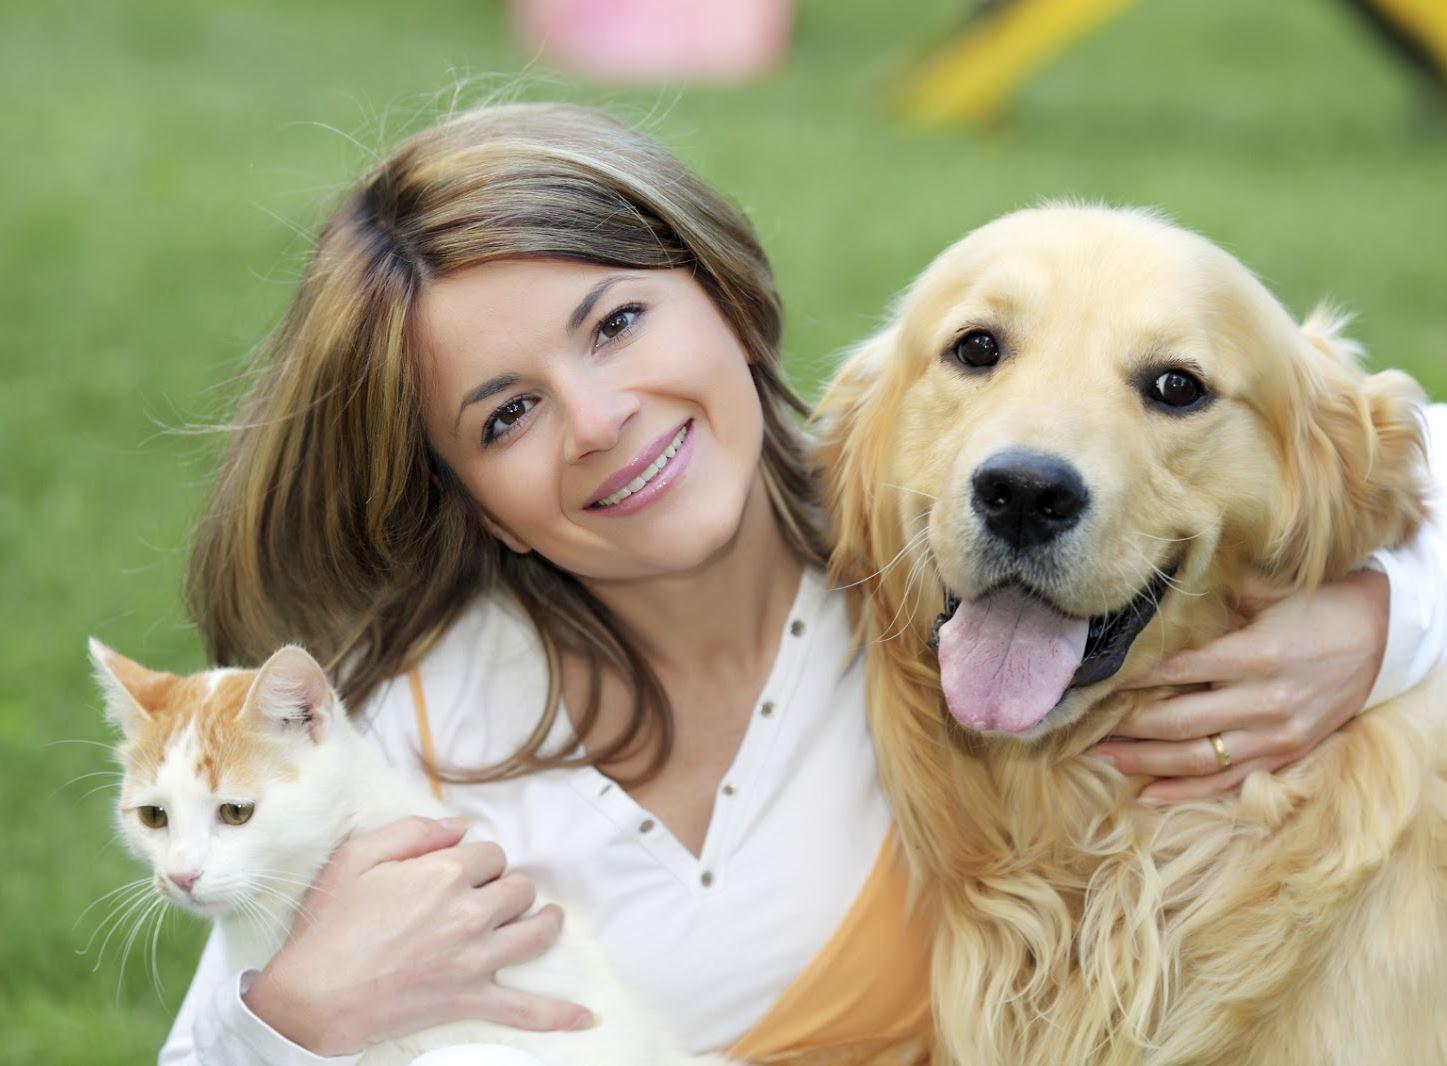 tratamientos alternativos para animales en Asociación Yoga Ópalo